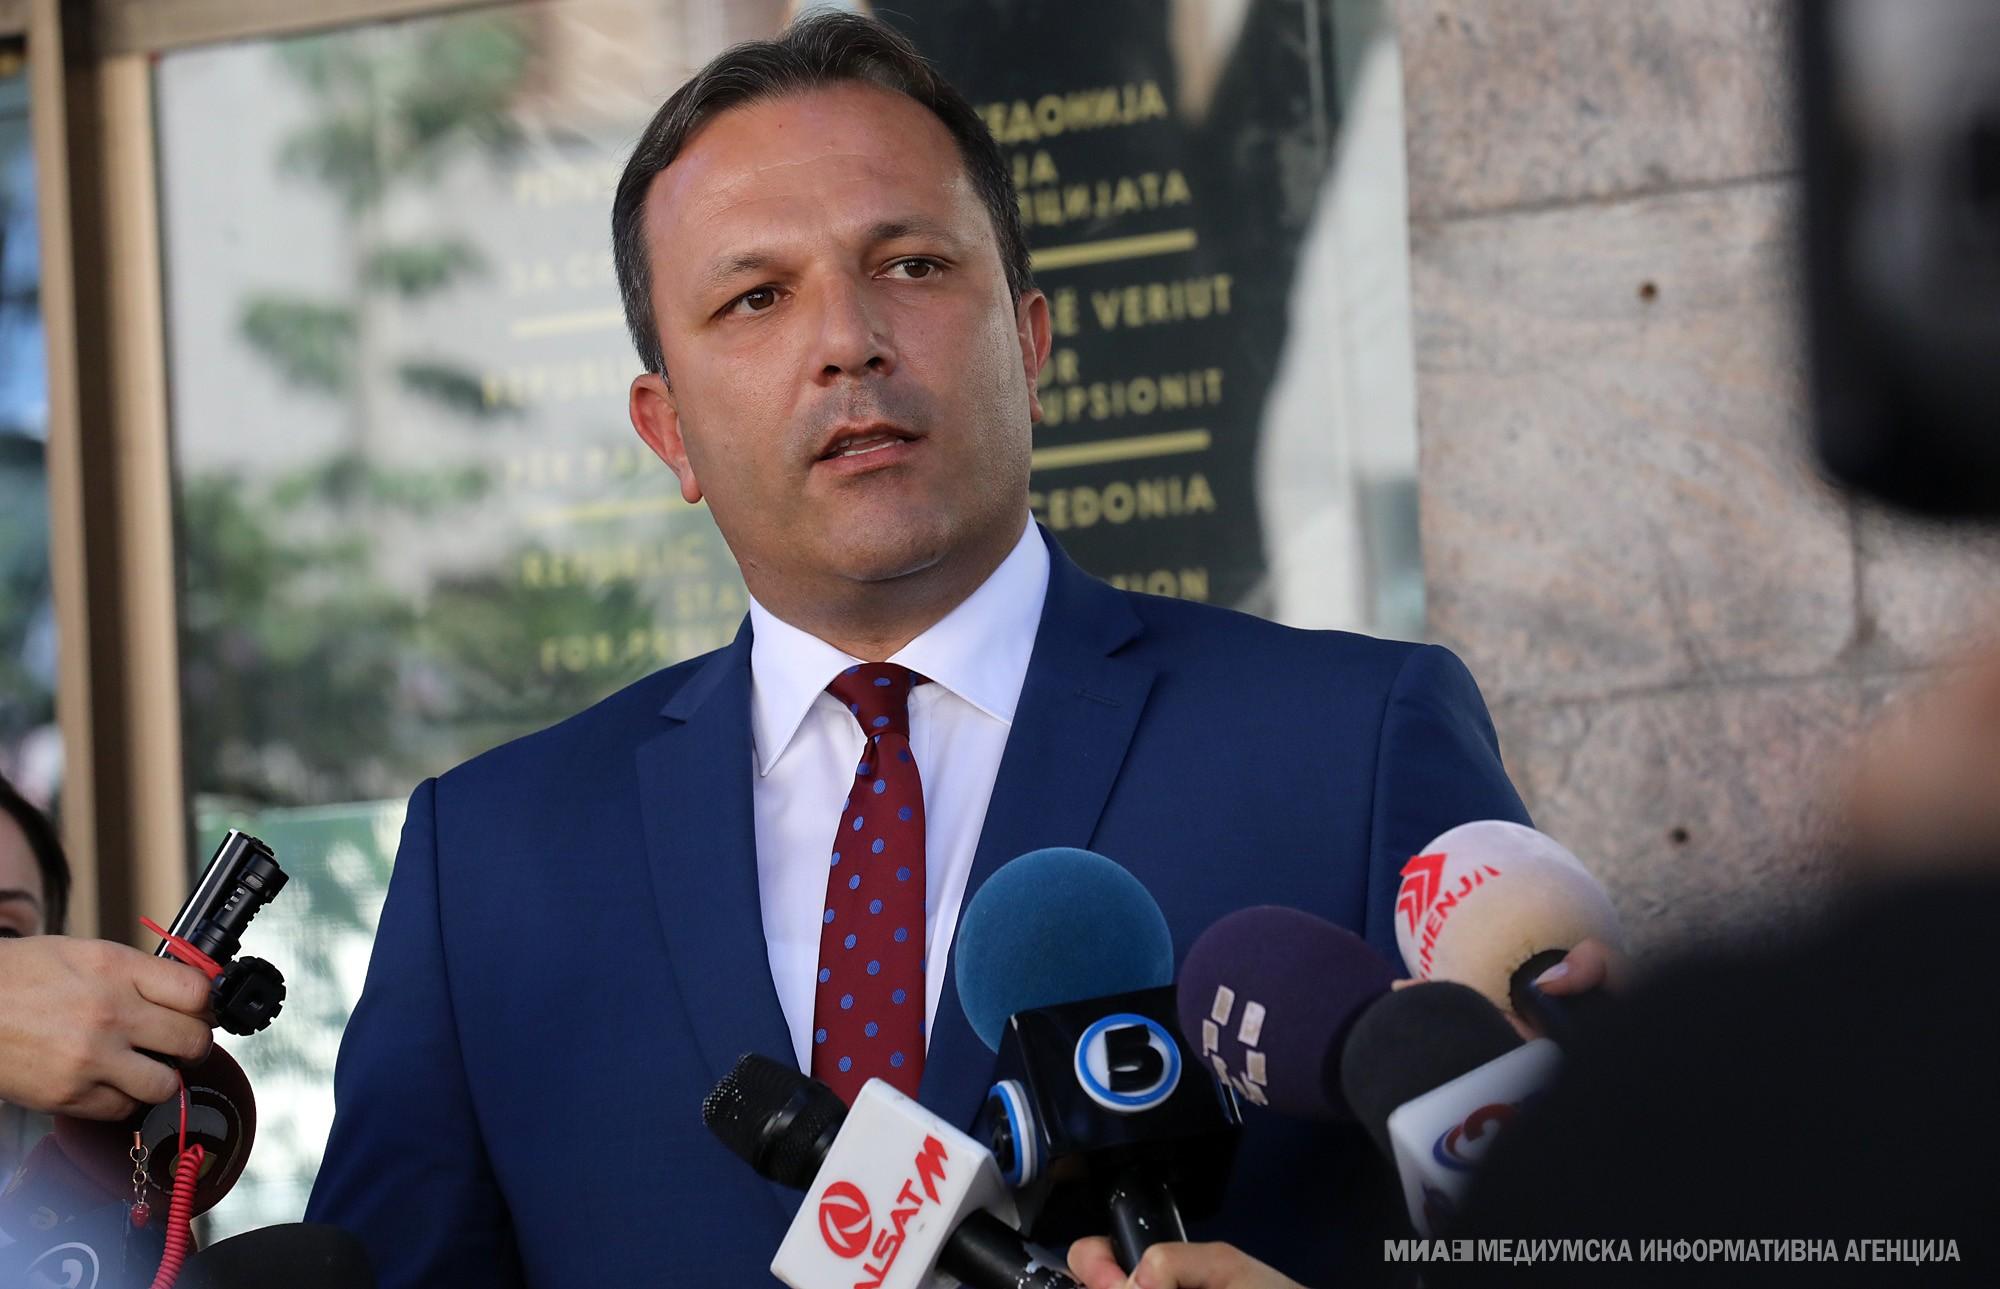 Spasovski: Makedon dili ve Makedon kimliği kimsenin tartışmaya hakkı olmadığı konulardır